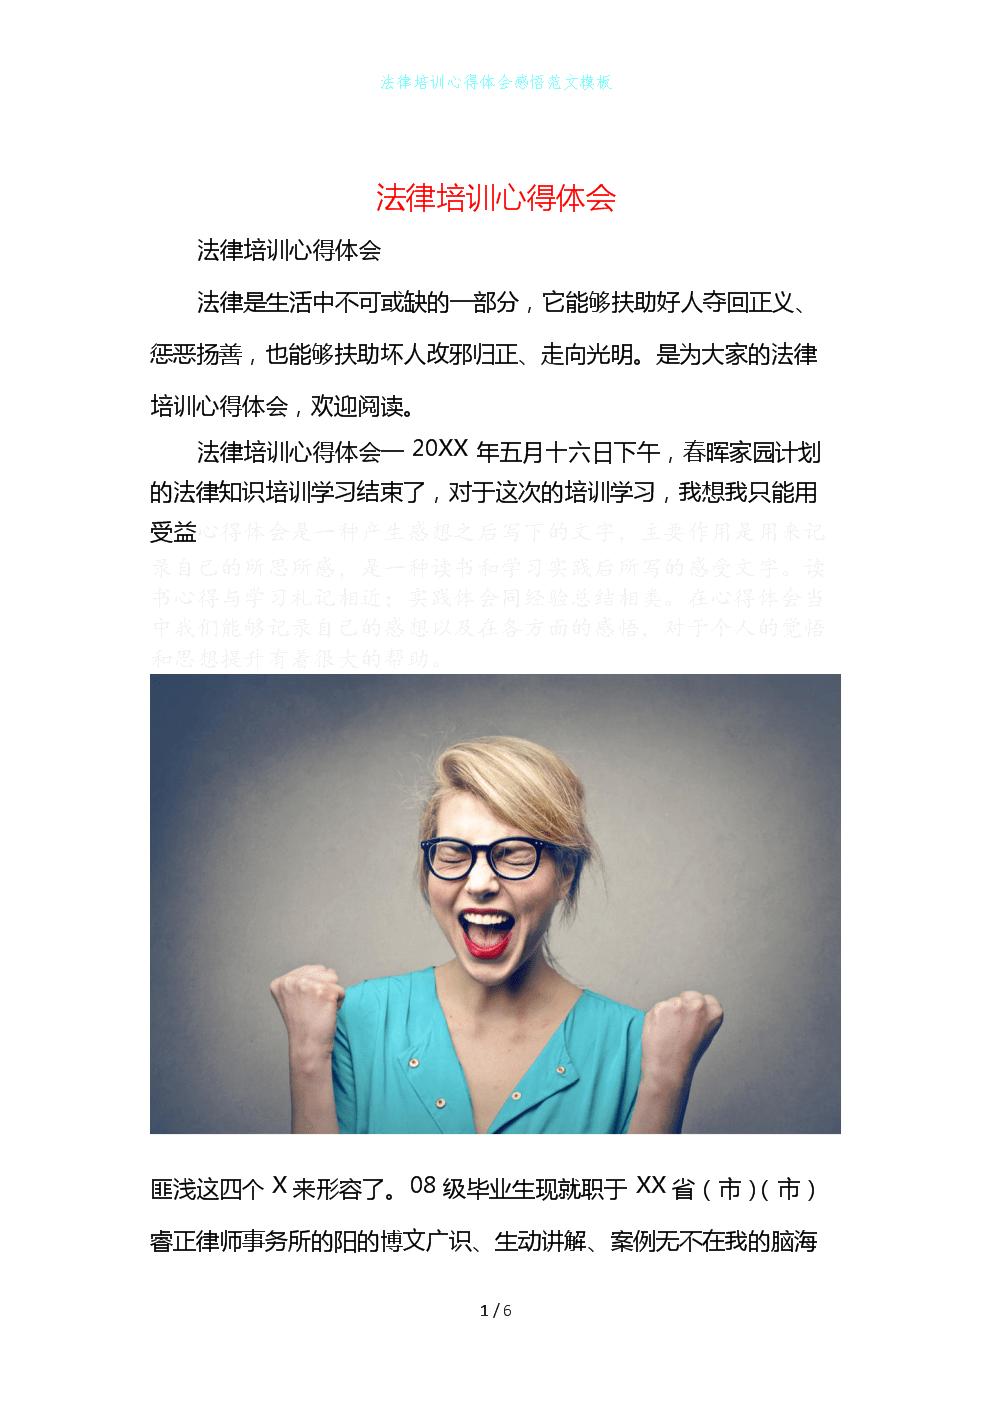 法律培训心得体会感悟范文模板.doc